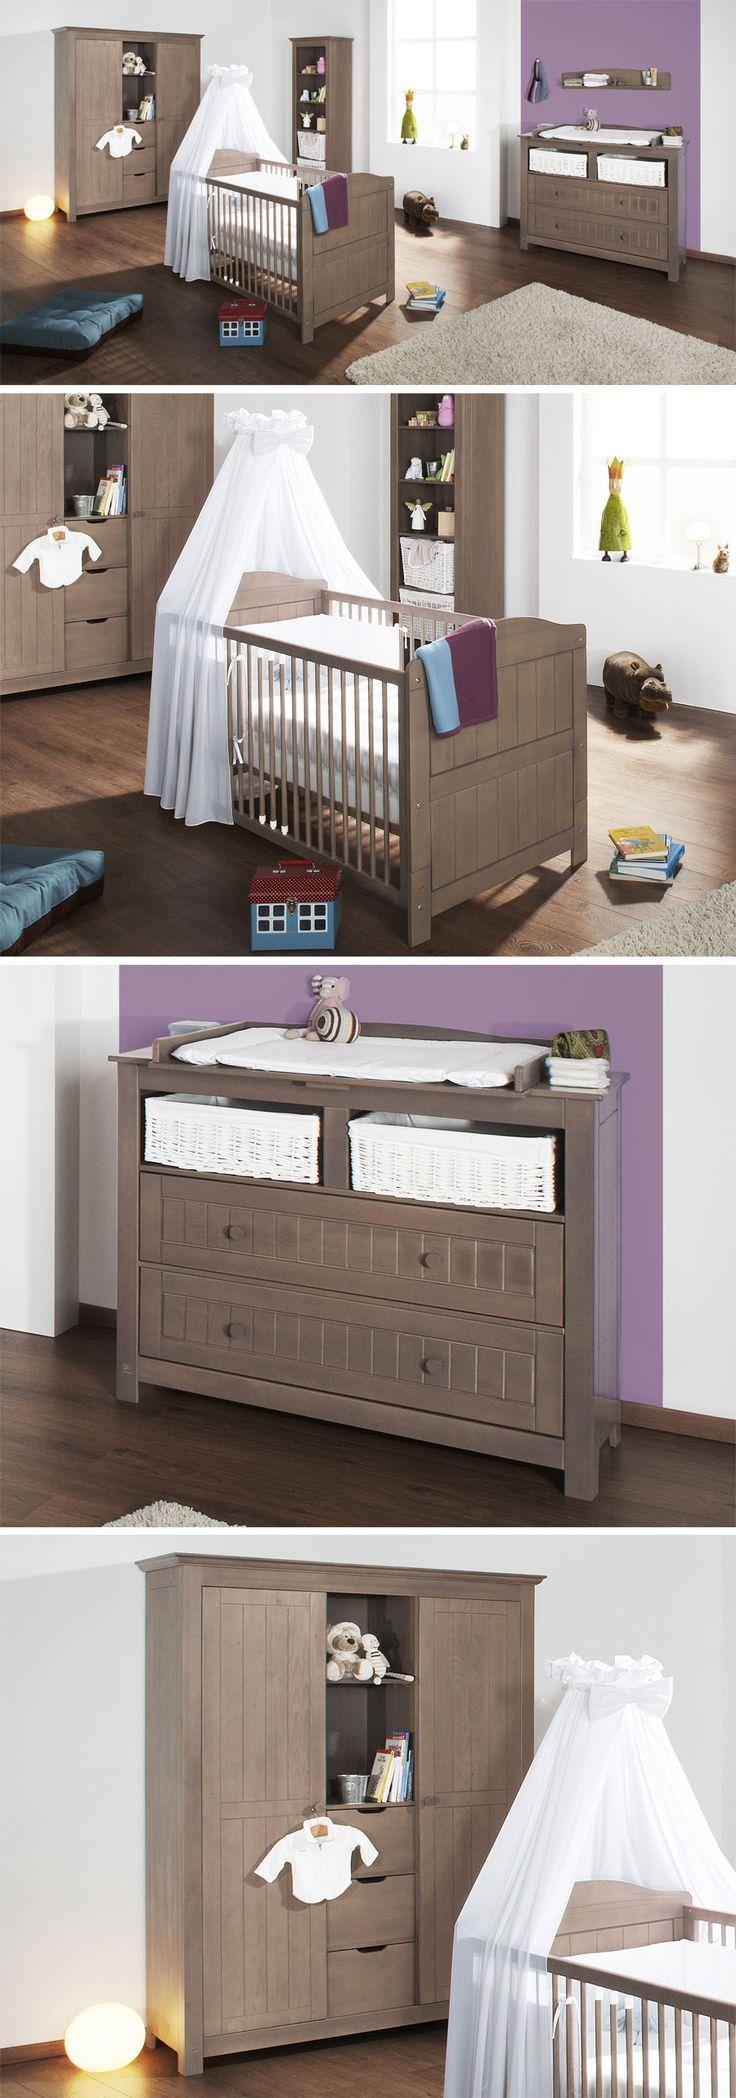 Awesome Qualit ts Babyzimmer Jelka Betten de babyzimmer babybett wickelkommode